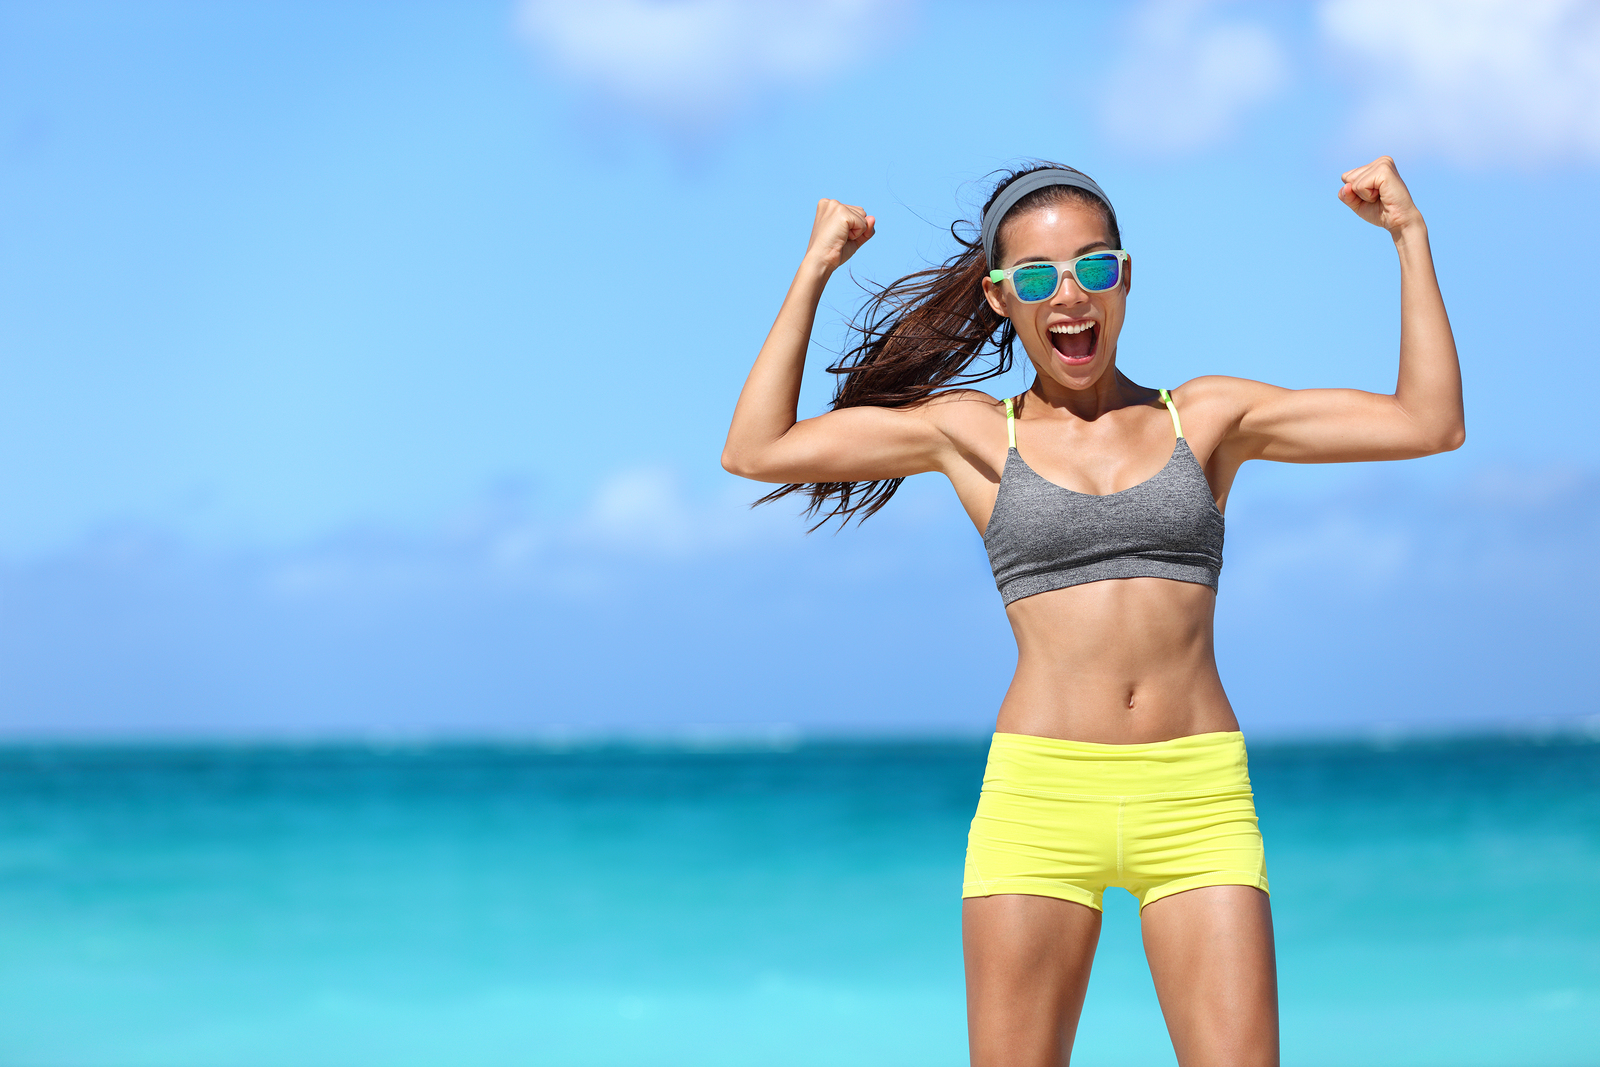 5 เคล็ด(ไม่)ลับ สร้างสุขภาพดี สดใสทุก ๆ วัน